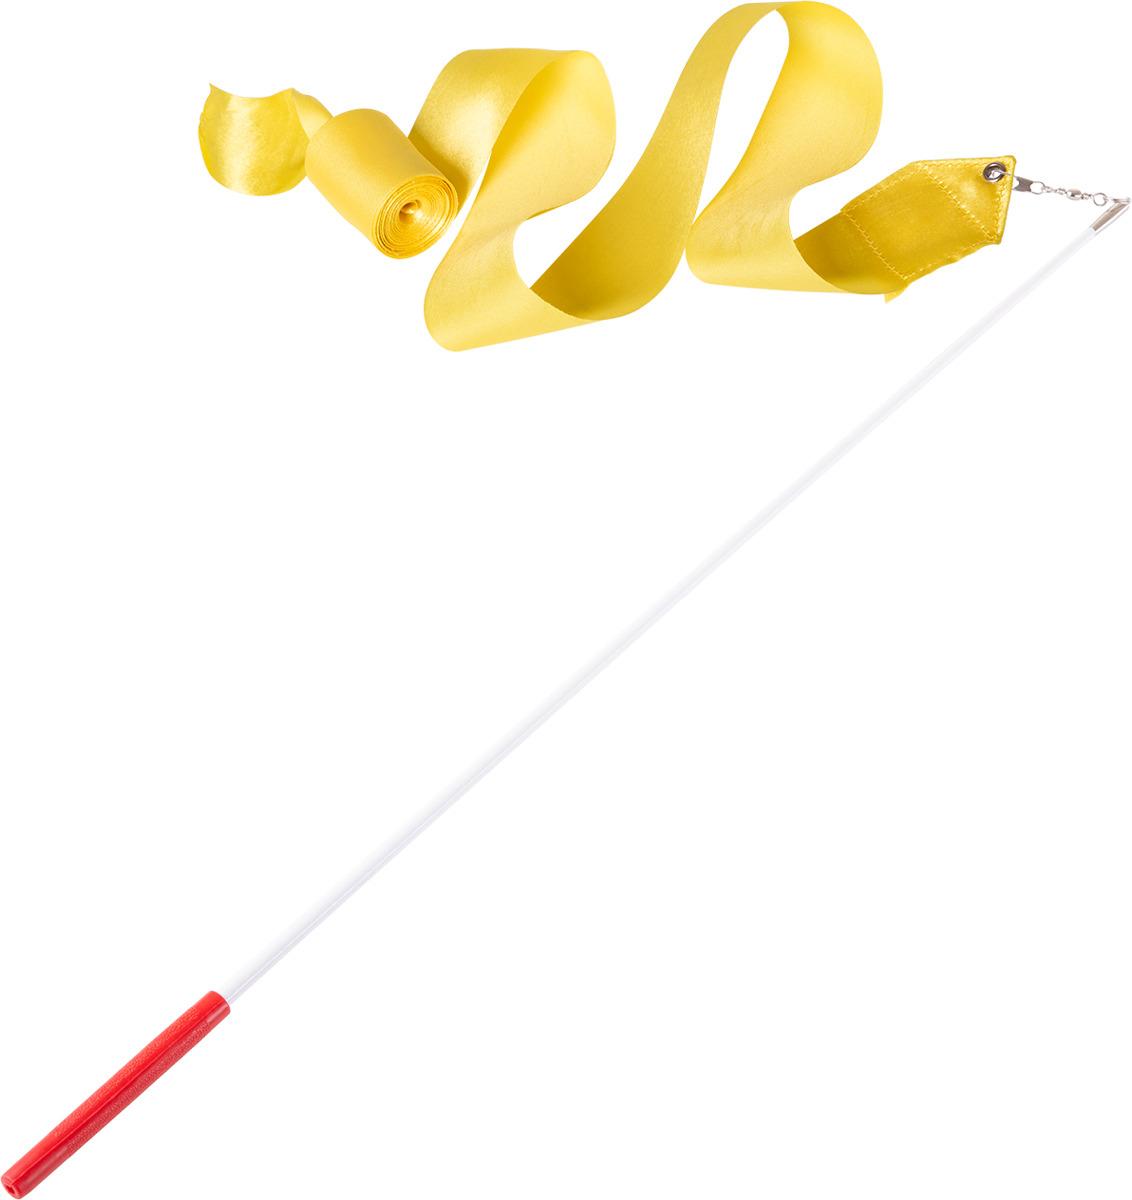 Лента для художественной гимнастики Amely AGR-201, длина 6 м, с палочкой 56 см, цвет: желтый лента для художественной гимнастики amely agr 201 длина 6 м с палочкой 56 см цвет фиолетовый